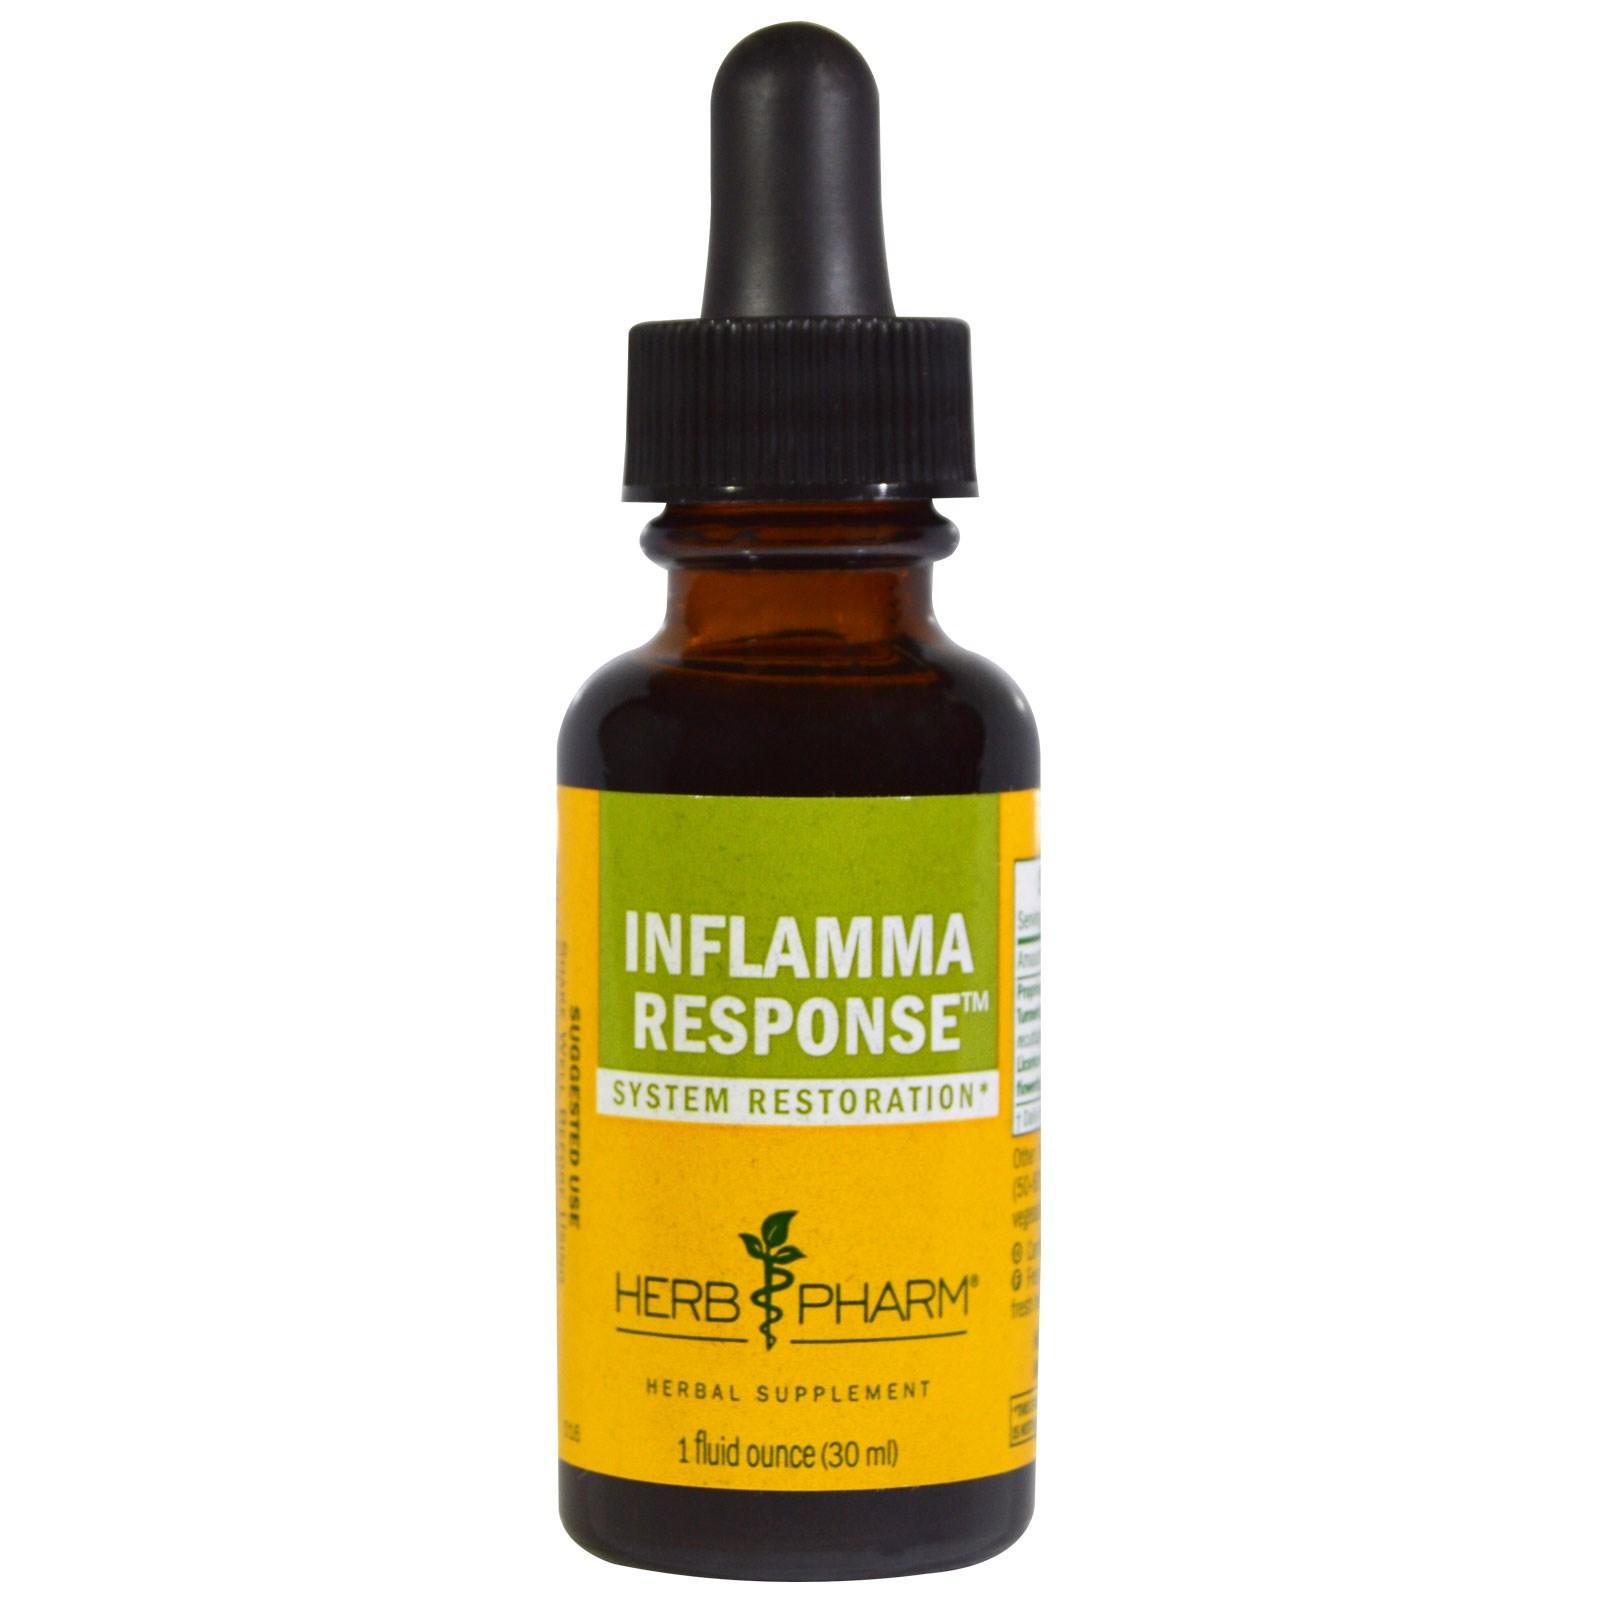 Herb Pharm, Inflamma Response (противовоспалительное средство), 1 жидкая унция (30 мл)